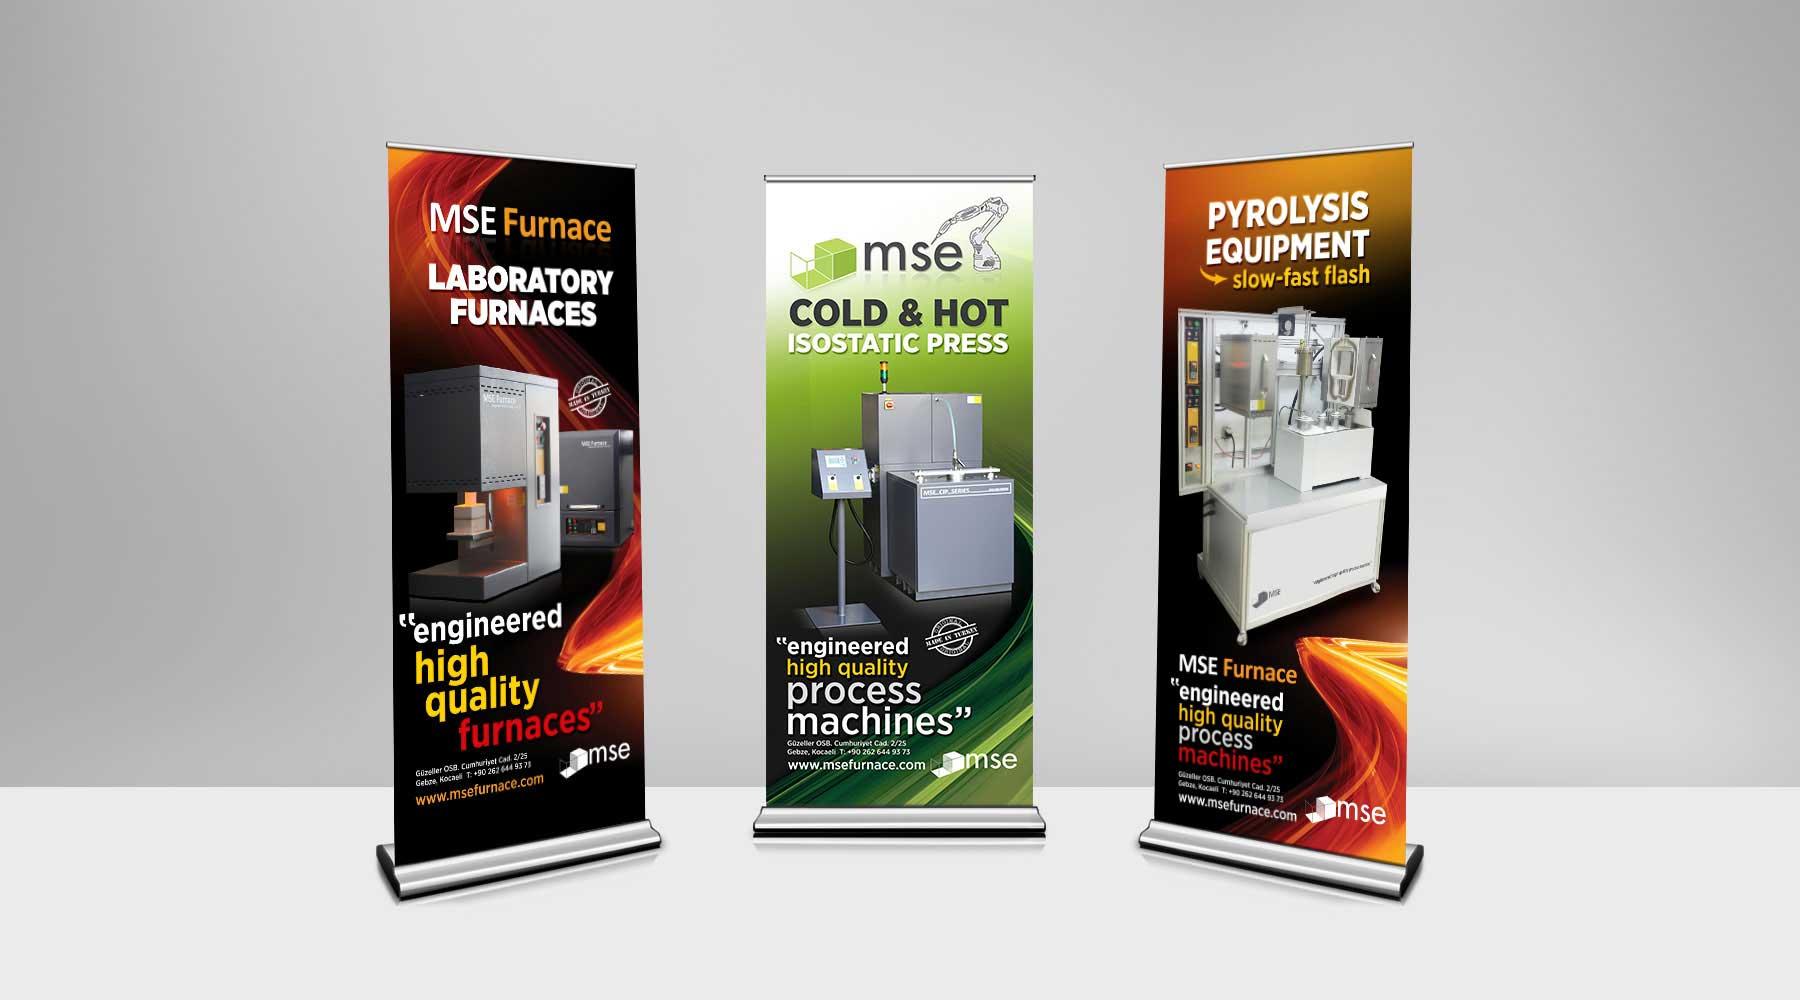 Mse Teknoloji profesyonel tasarım ve baskı hizmeti